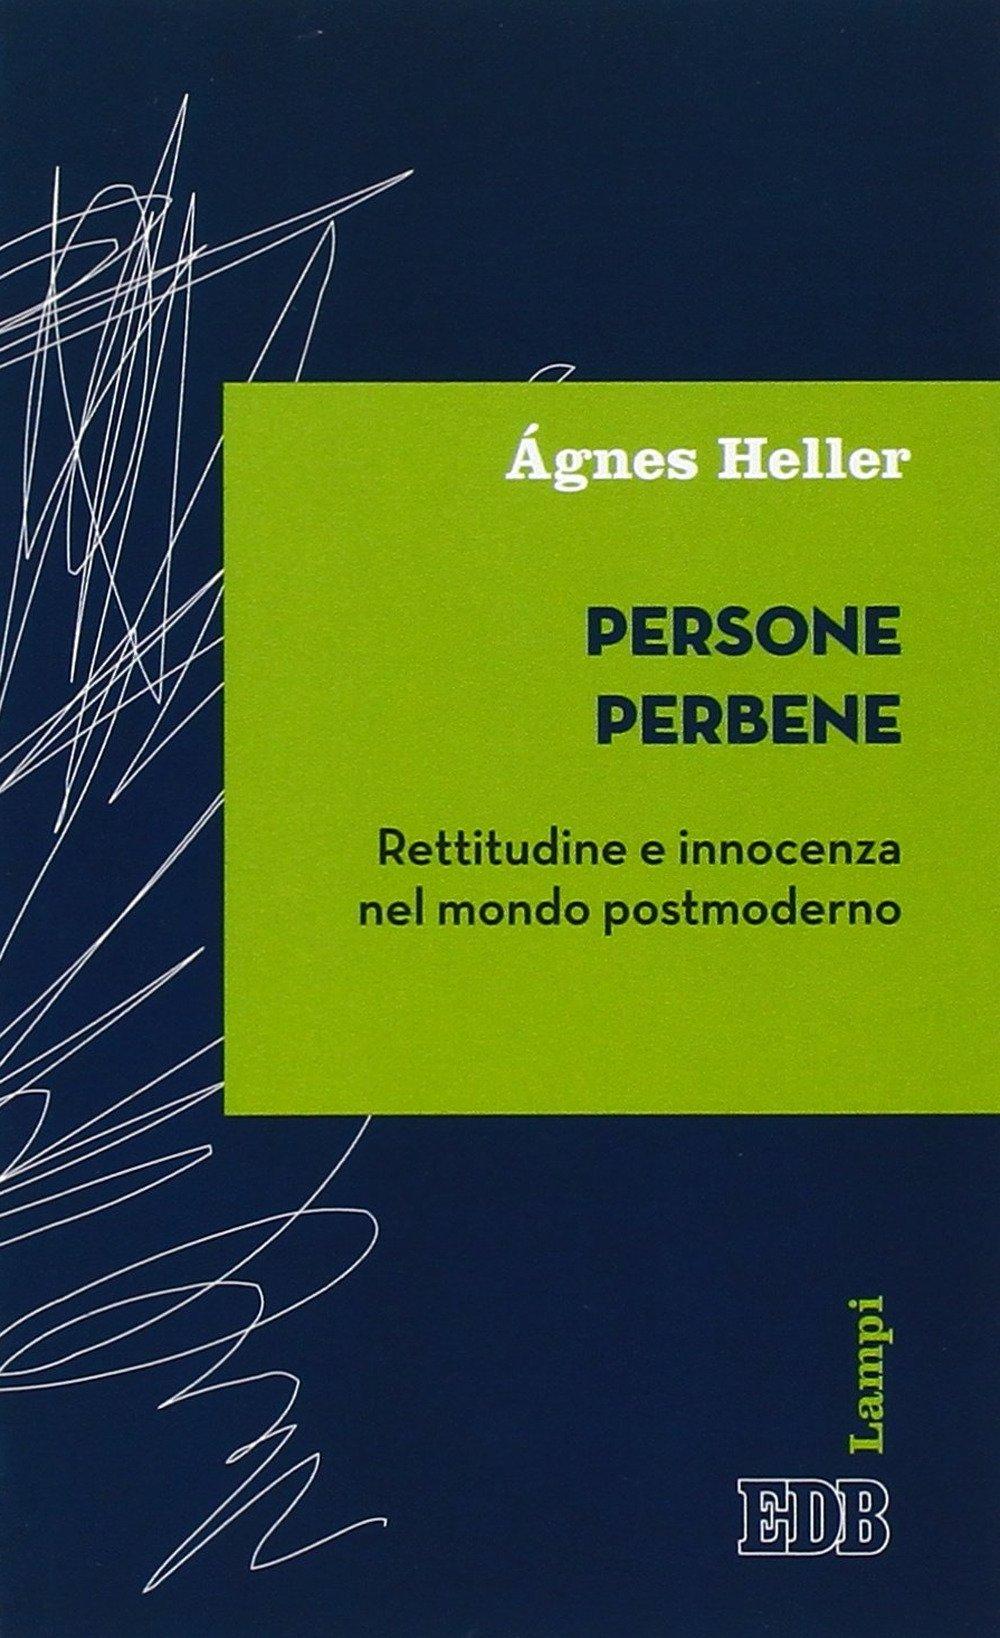 Persone perbene. rettitudine e innocenza nel mondo postmoderno.